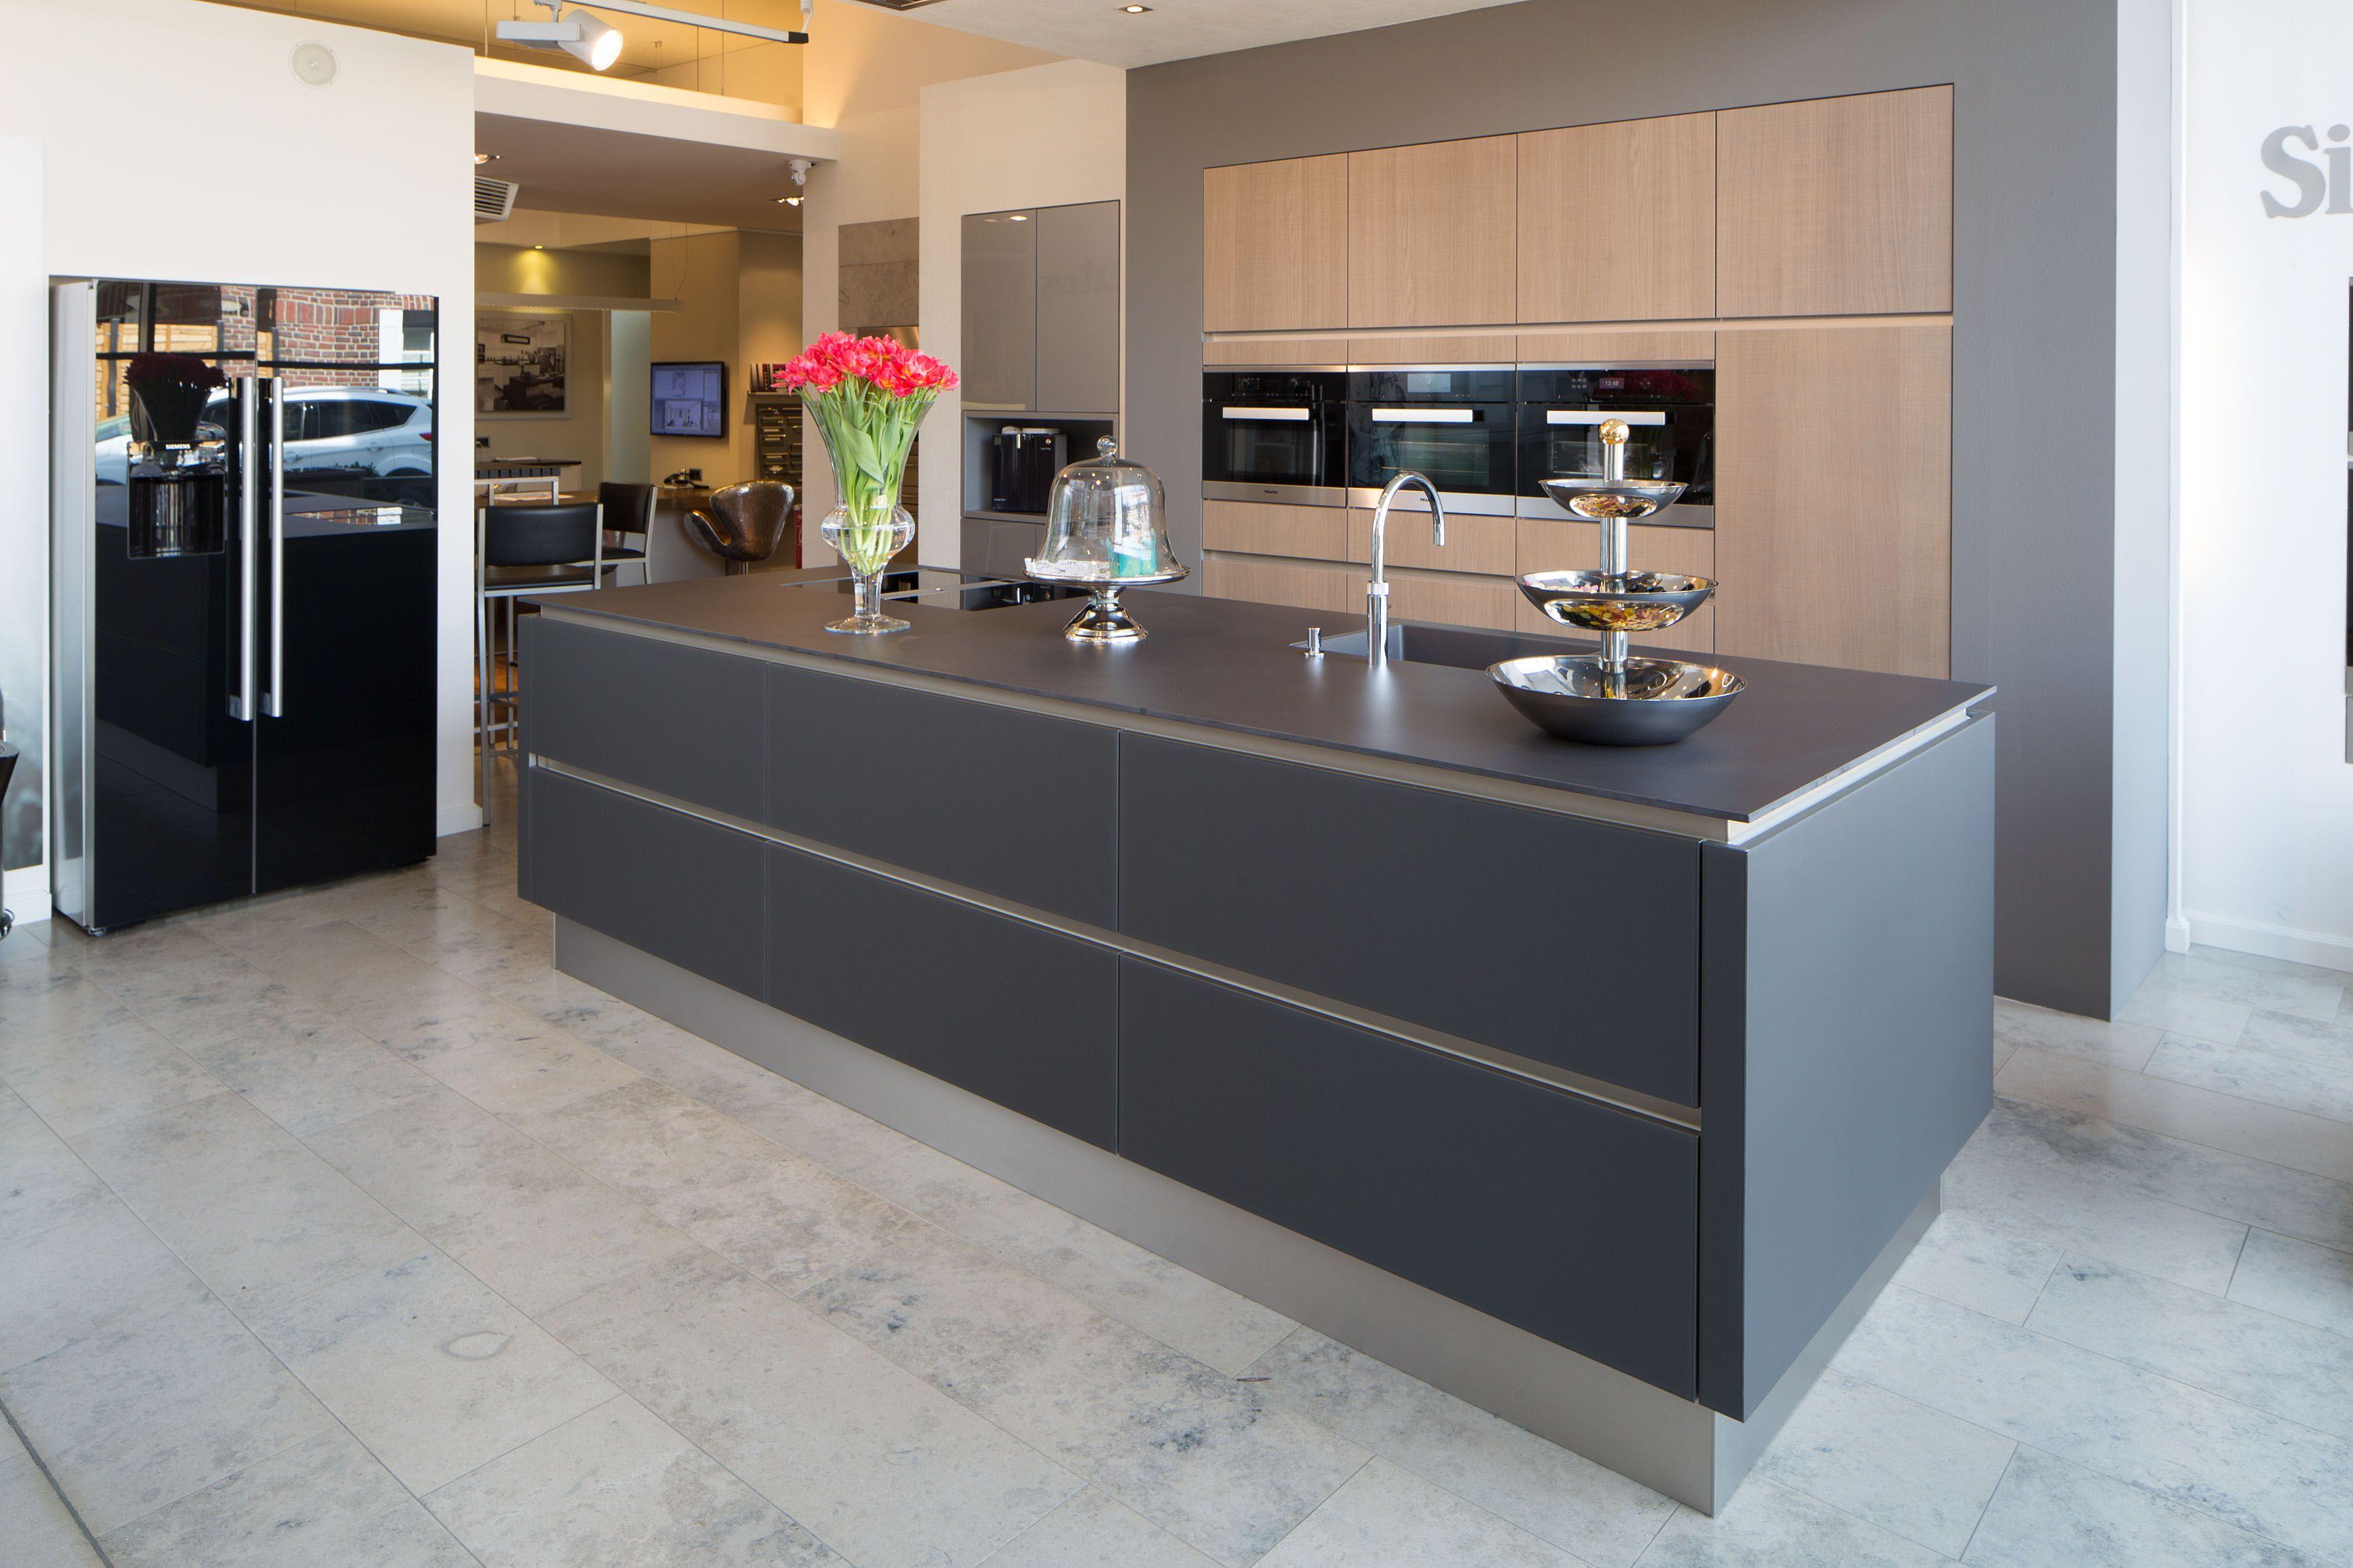 Amerikanischer Kühlschrank Miele : Moderne küchen mit side by side kühlschrank küchen günstig